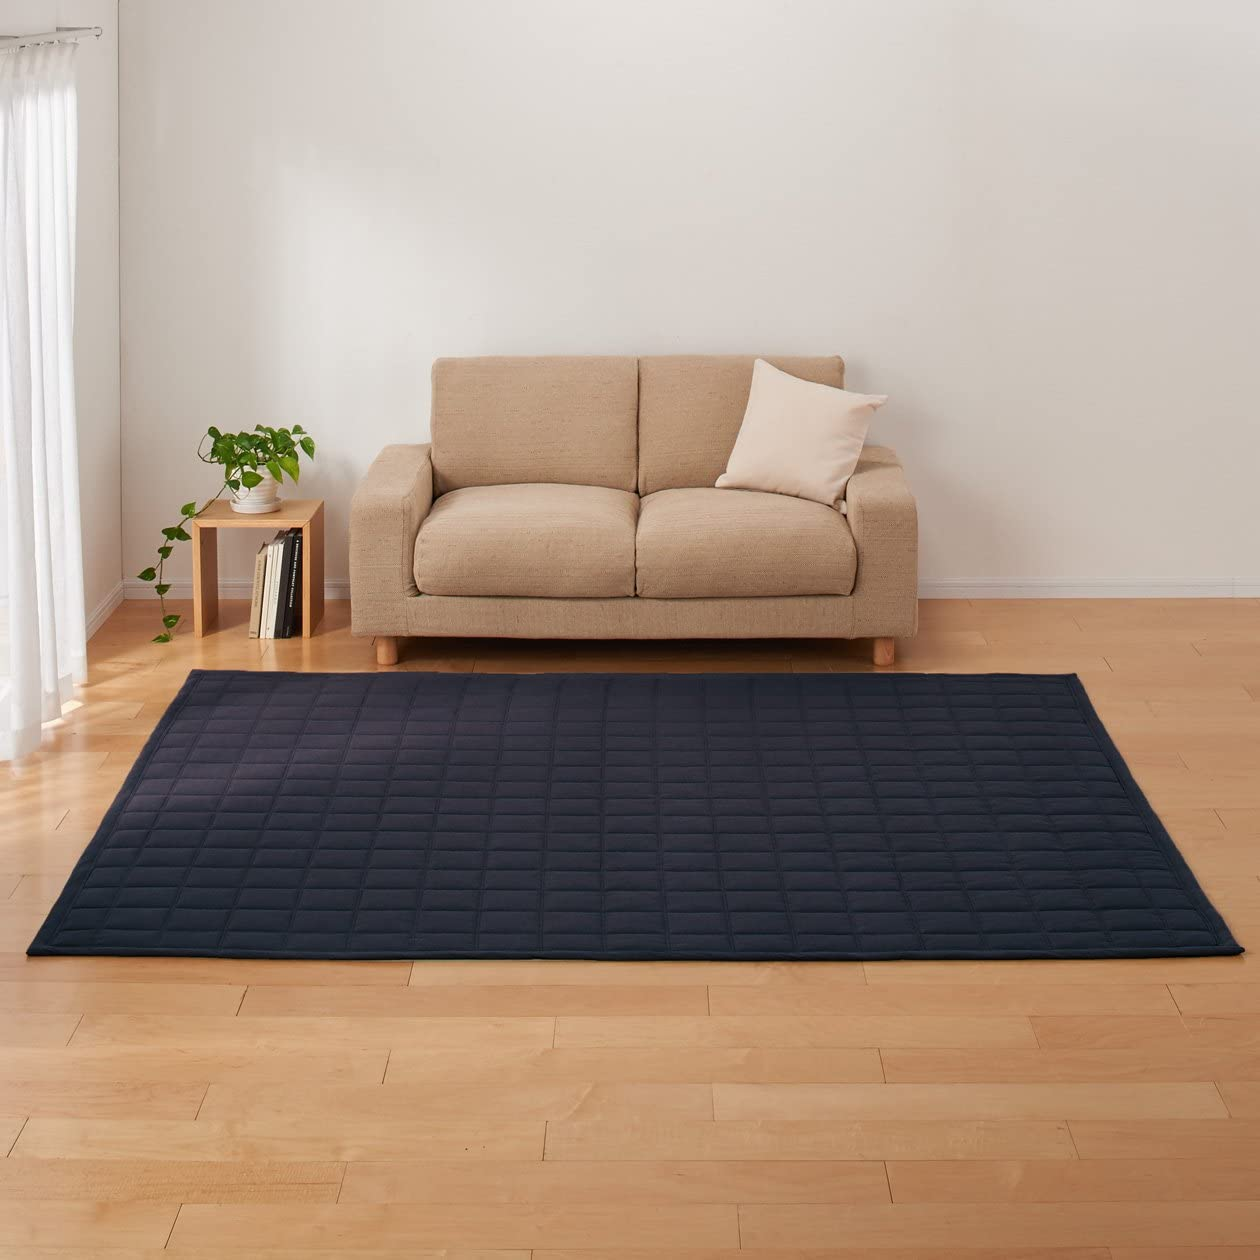 Muji algodón Nanako Tejido antibacteriano lavable acolchado alfombra azul marino 205 × cm alfombra: Amazon.es: Hogar